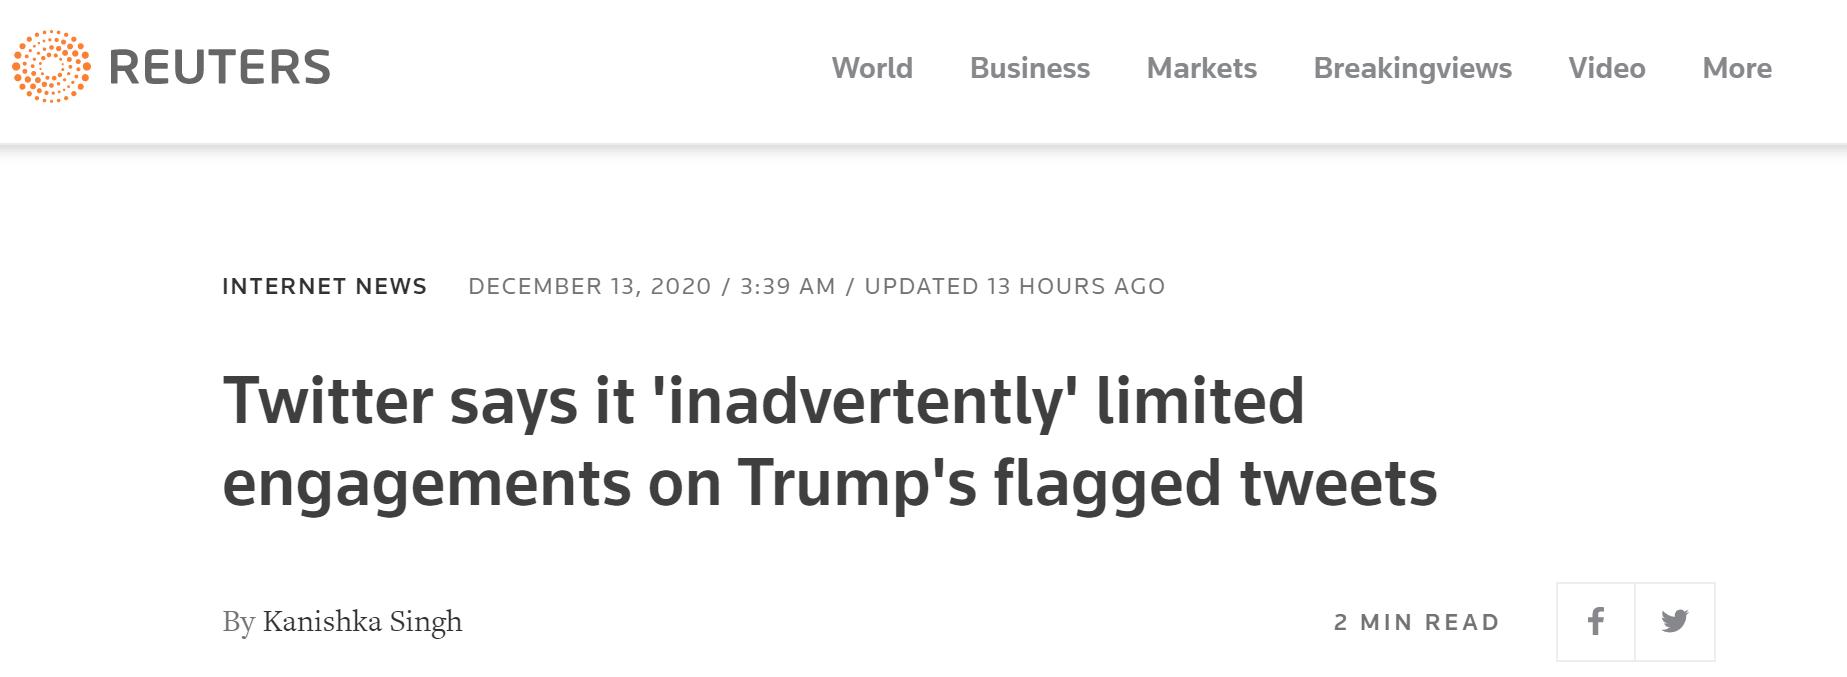 特朗普部门推文被短暂限制点赞、评论及转发,推特平台回应 第1张